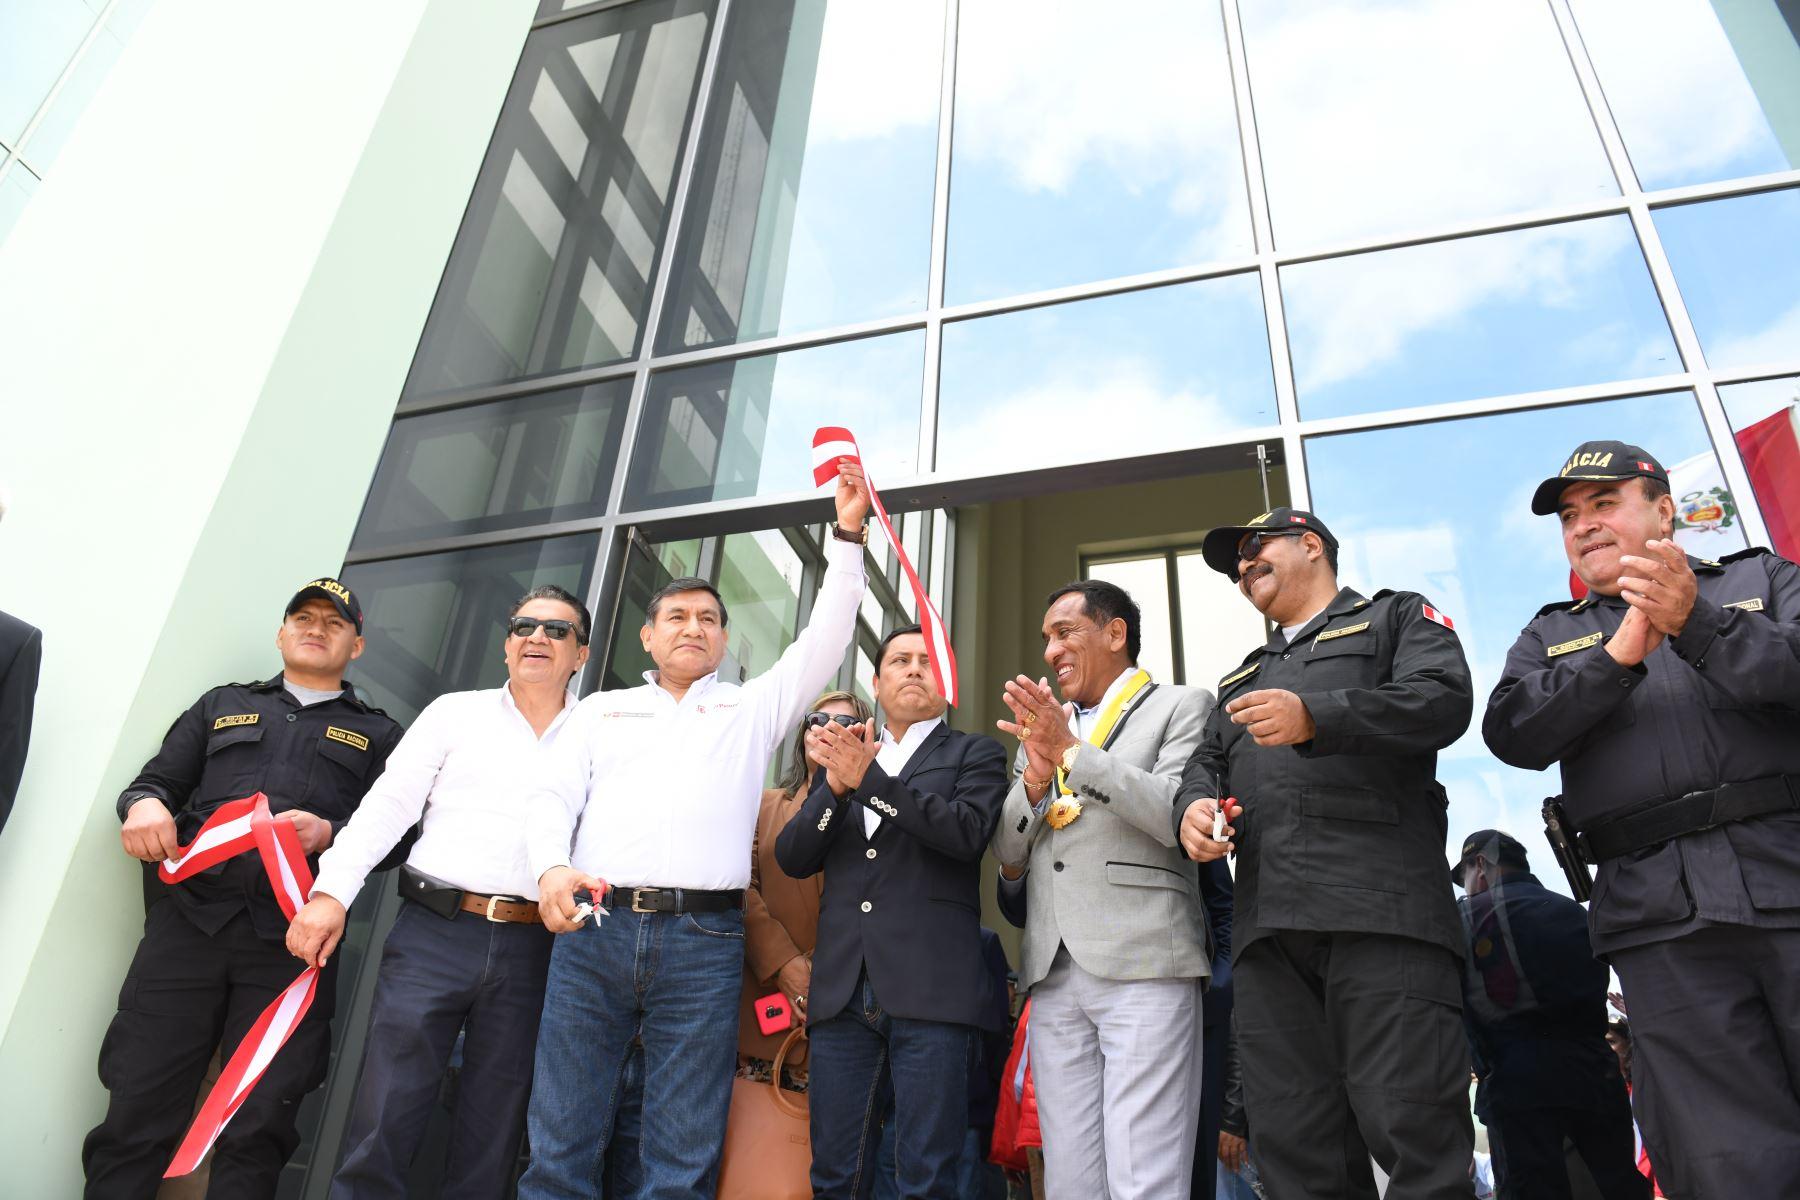 Ministro del interior Carlos Moran inauguró obras de mejoramiento de los servicios policiales de la División de Orden Público y Seguridad en Paiján, en la provincia liberteña de Ascope. Foto: ANDINA/MININTER